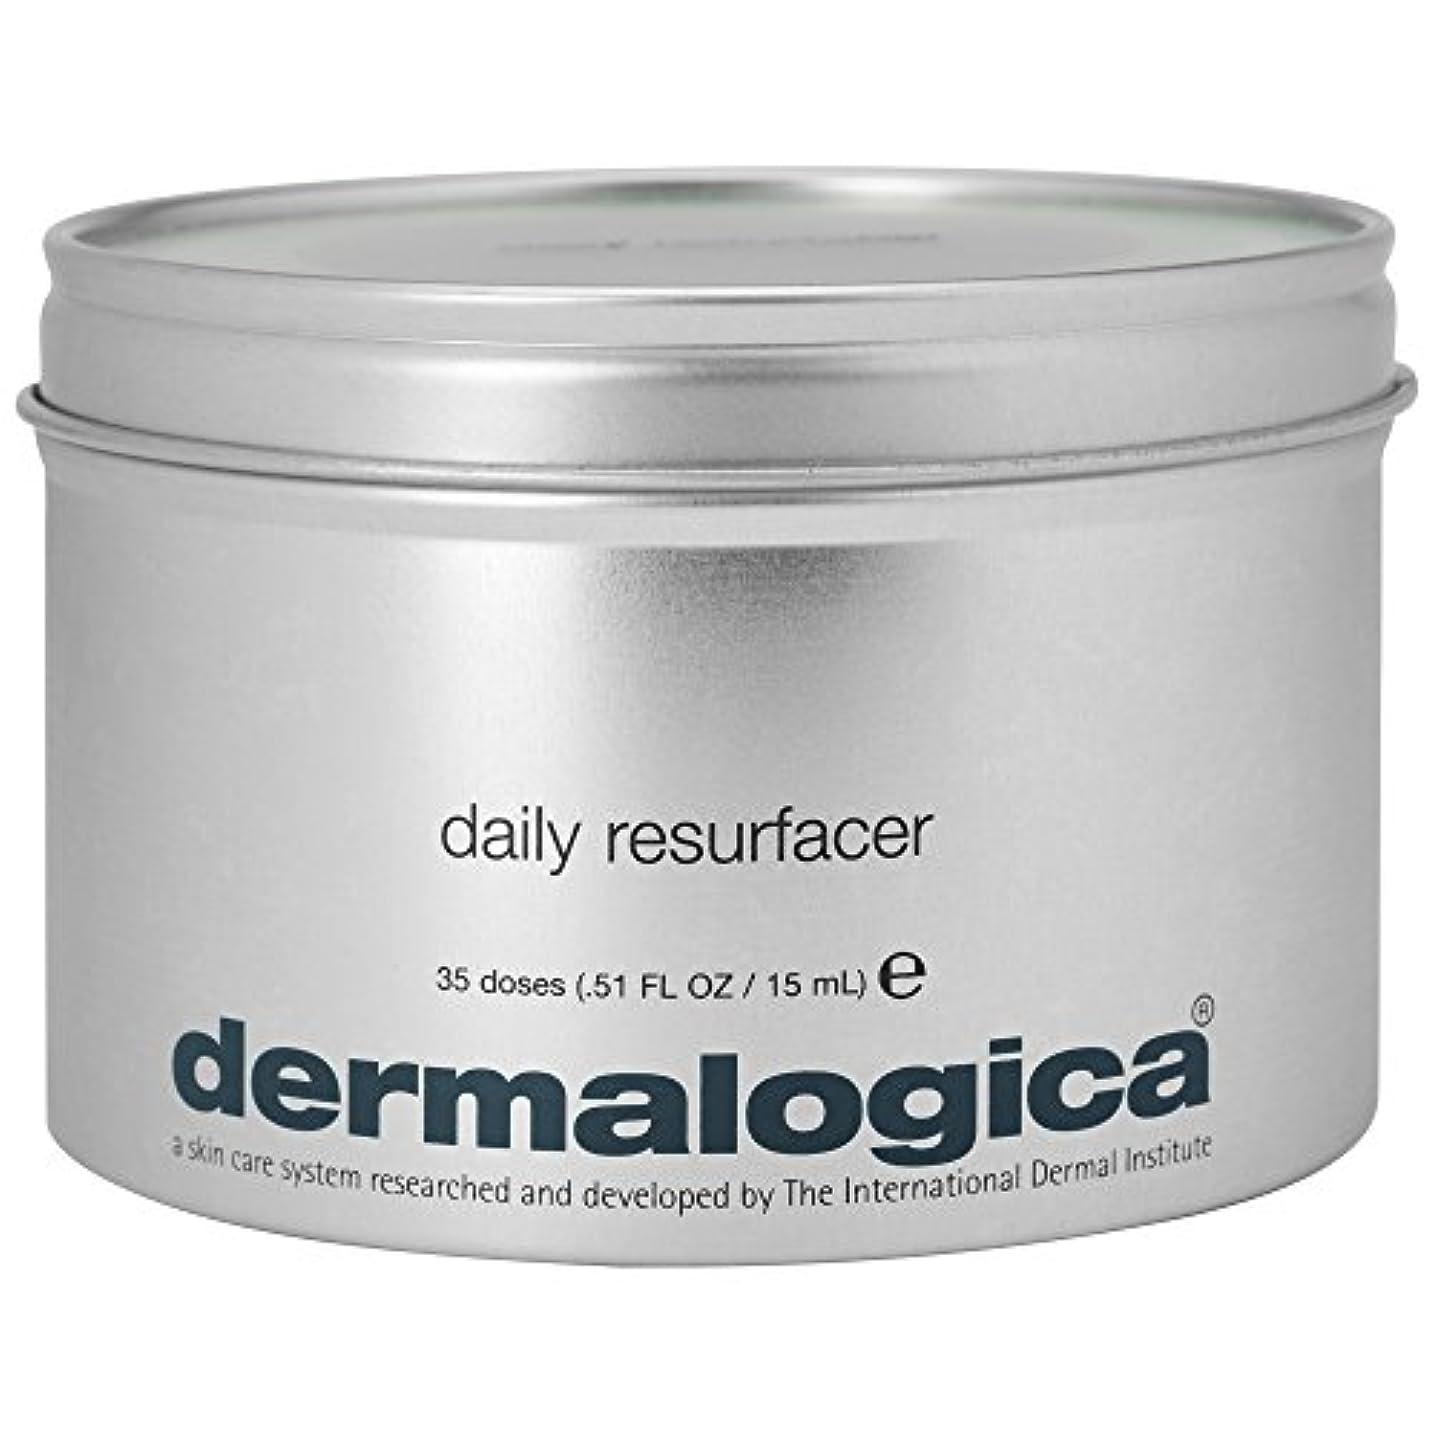 ロードされたブロックそこから35のダーマロジカ毎日Resurfacerパック (Dermalogica) - Dermalogica Daily Resurfacer Pack of 35 [並行輸入品]